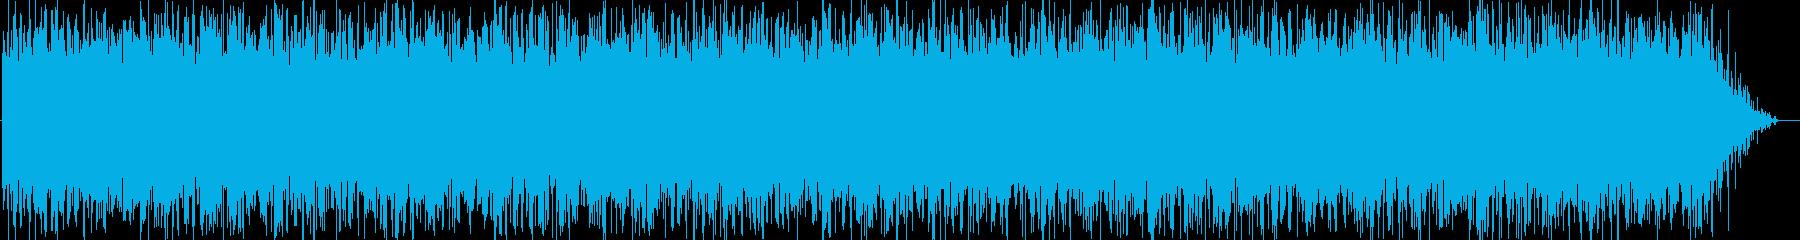 イメージ クレイジーディジュリドゥ03の再生済みの波形